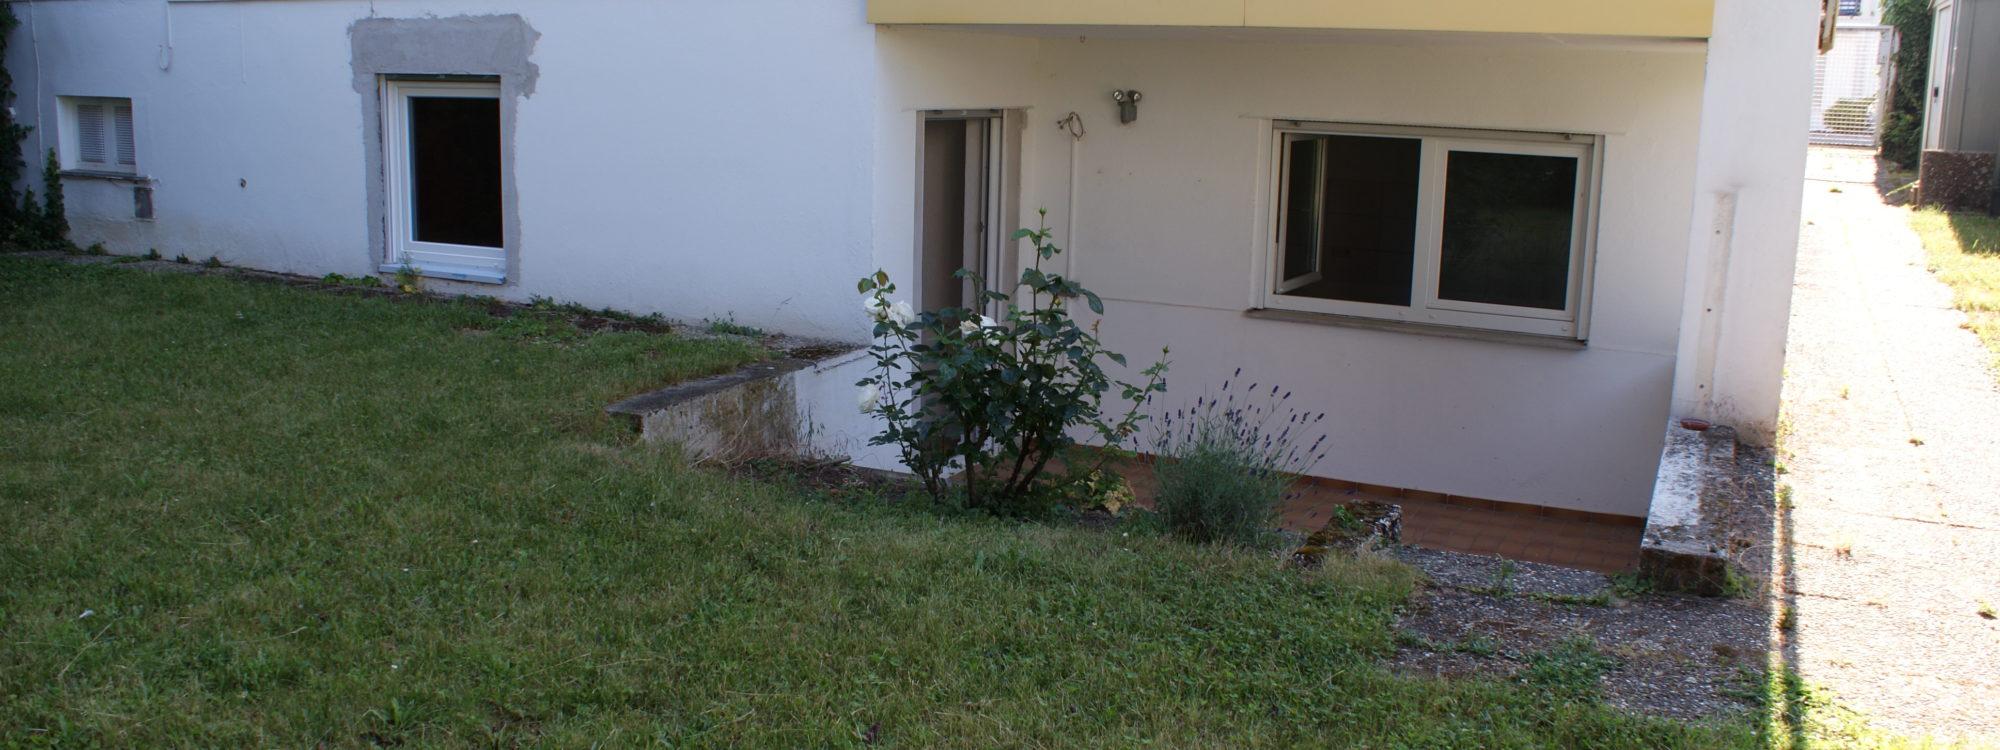 Helle, geräumige 2 Zimmer Souterrainwohnung mit Terrasse